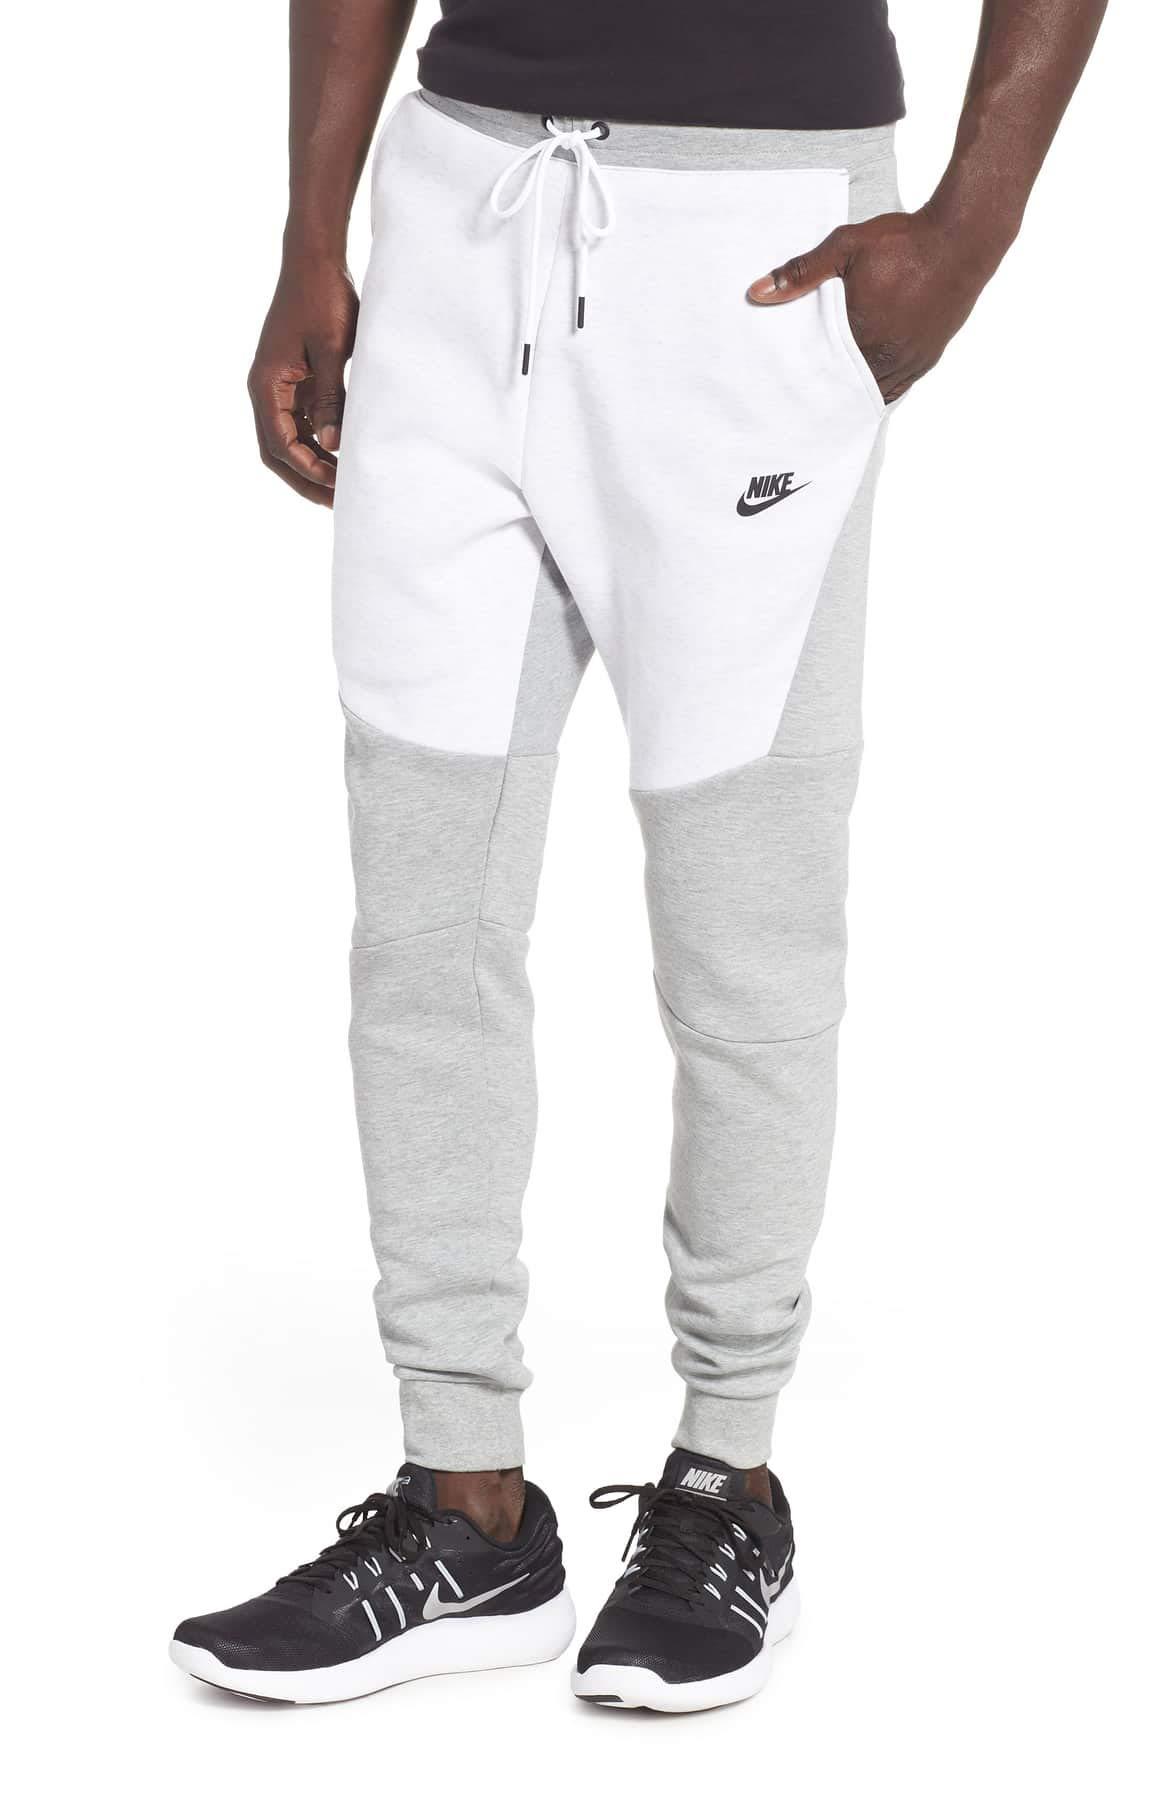 NIKE Mens Sportswear Tech Fleece Jogger Sweatpants (Dk Grey Heather/Birch Heather/Black, Small) by Nike (Image #1)